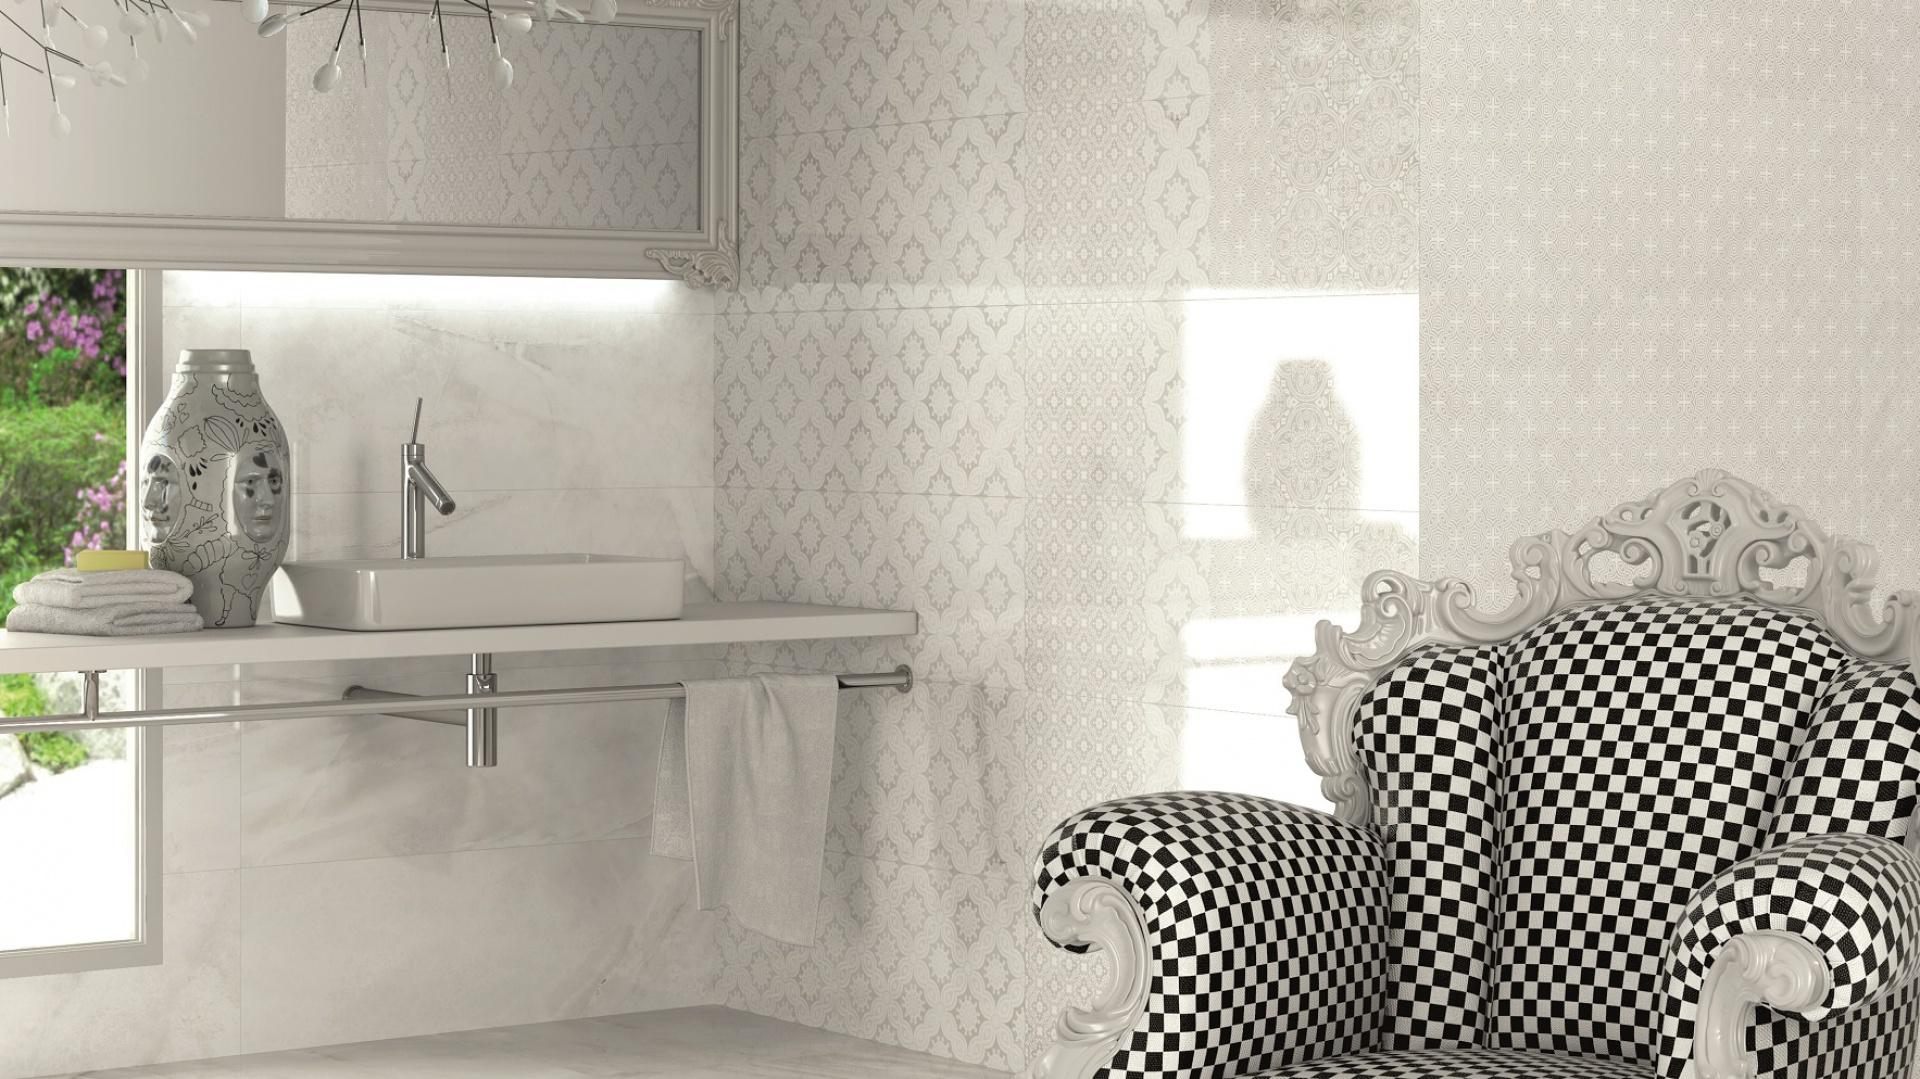 Biały kamień w stylu lat 20. XX wieku - płytki ceramiczne Dandy firmy Vives Ceramica. Fot. Vives Ceramica.